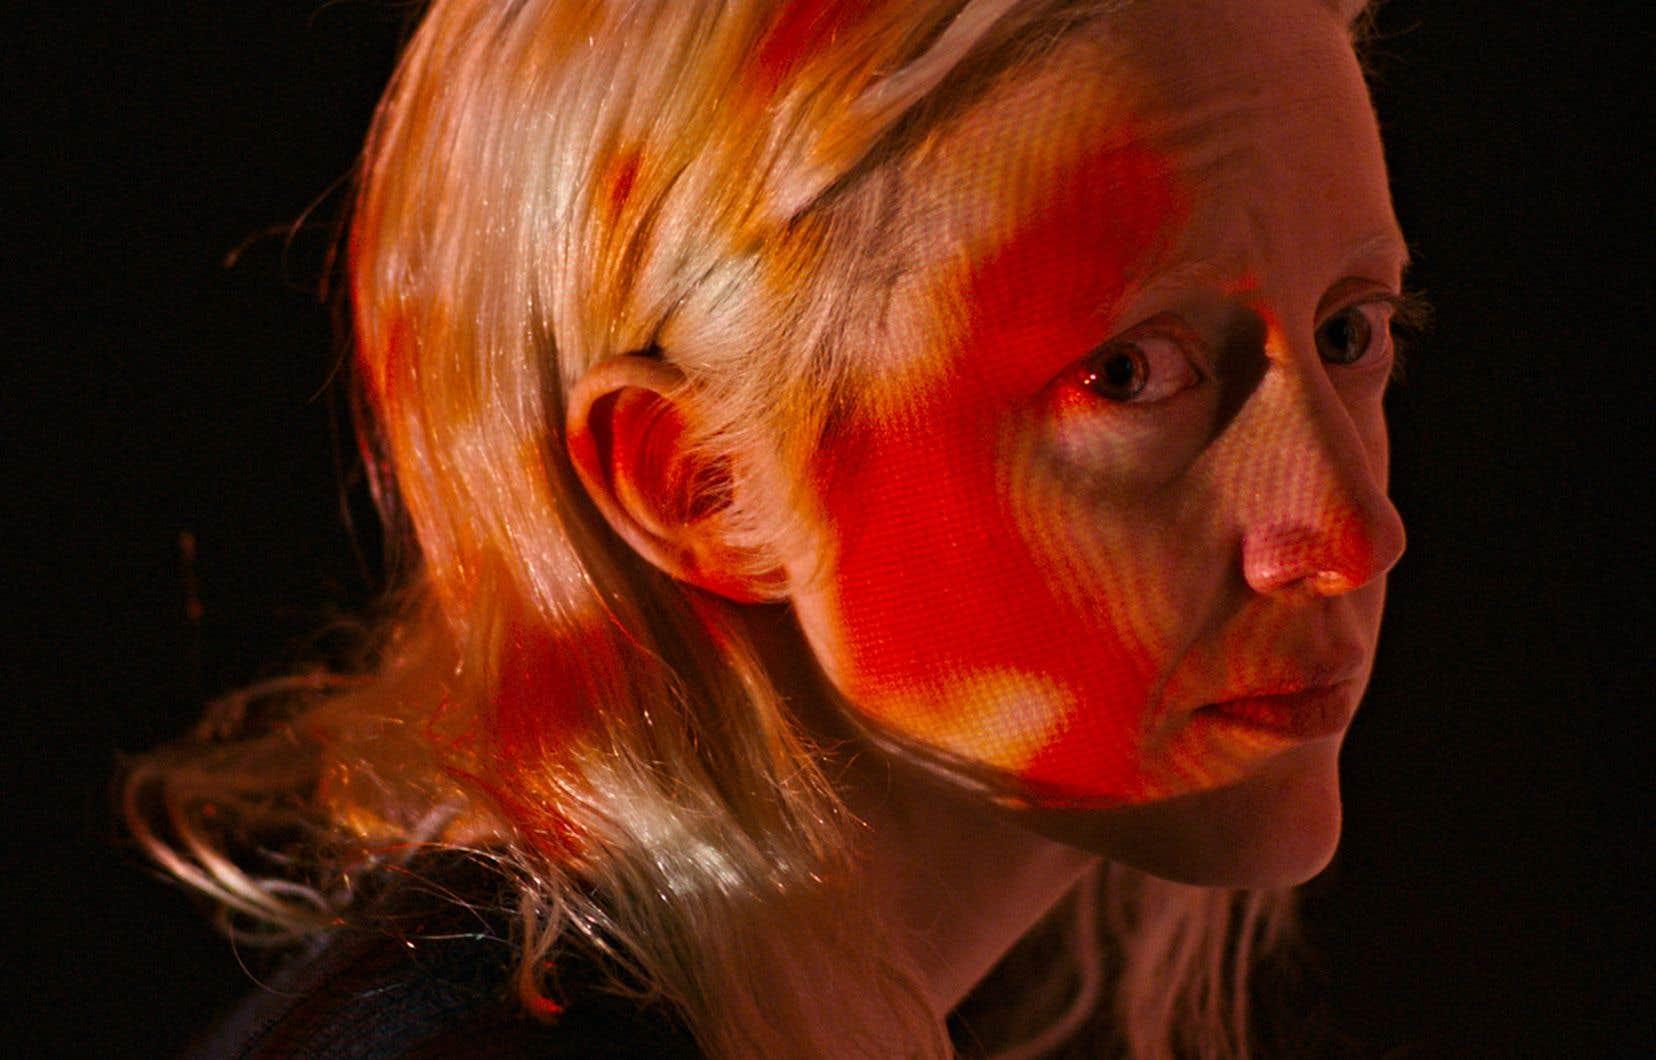 Andrea Riseborough incarne Tasya, une tueuse professionnelle qui s'empare du corps des autres pour parvenir à ses fins.